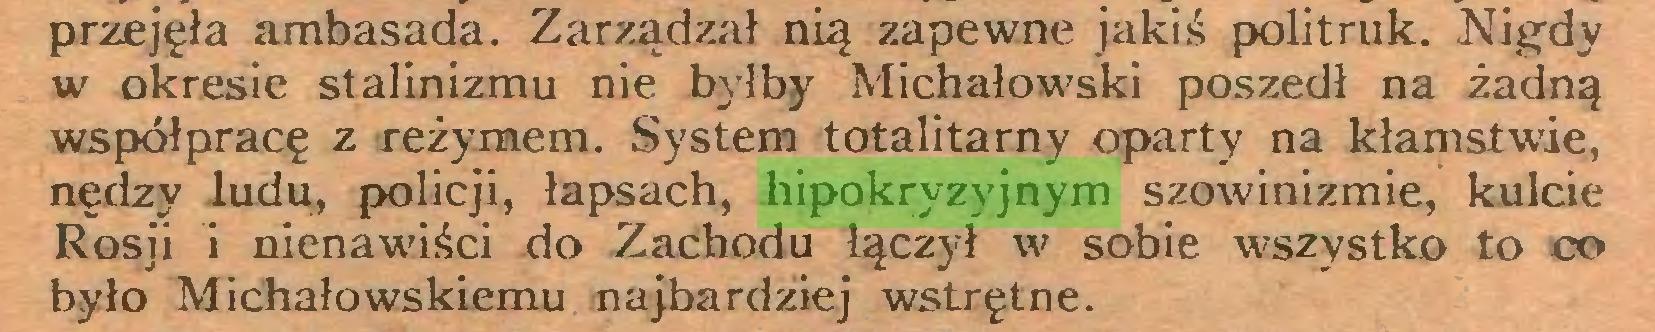 (...) przejęła ambasada. Zarządzał nią zapewne jakiś politruk. Nigdy w okresie stalinizmu nie byłby Michałowski poszedł na żadną współpracę z reżymem. System totalitarny oparty na kłamstwie, nędzy ludu, policji, łapsach, hipokryzyjnym szowinizmie, kulcie Rosji i nienawiści do Zachodu łączył w sobie wszystko to co było Michałowskiemu najbardziej wstrętne...